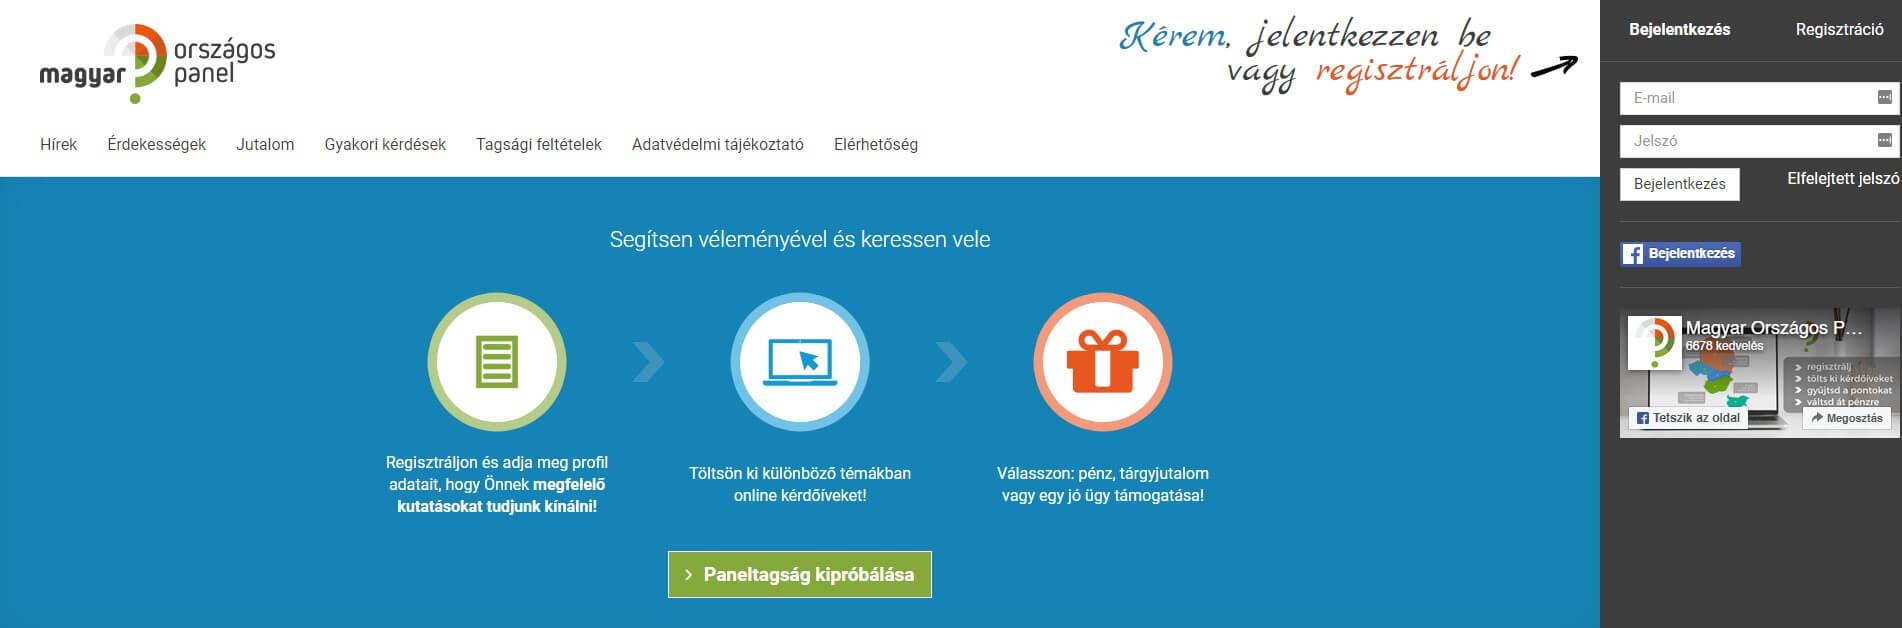 bevétel az interneten anélkül hogy felszámolnák